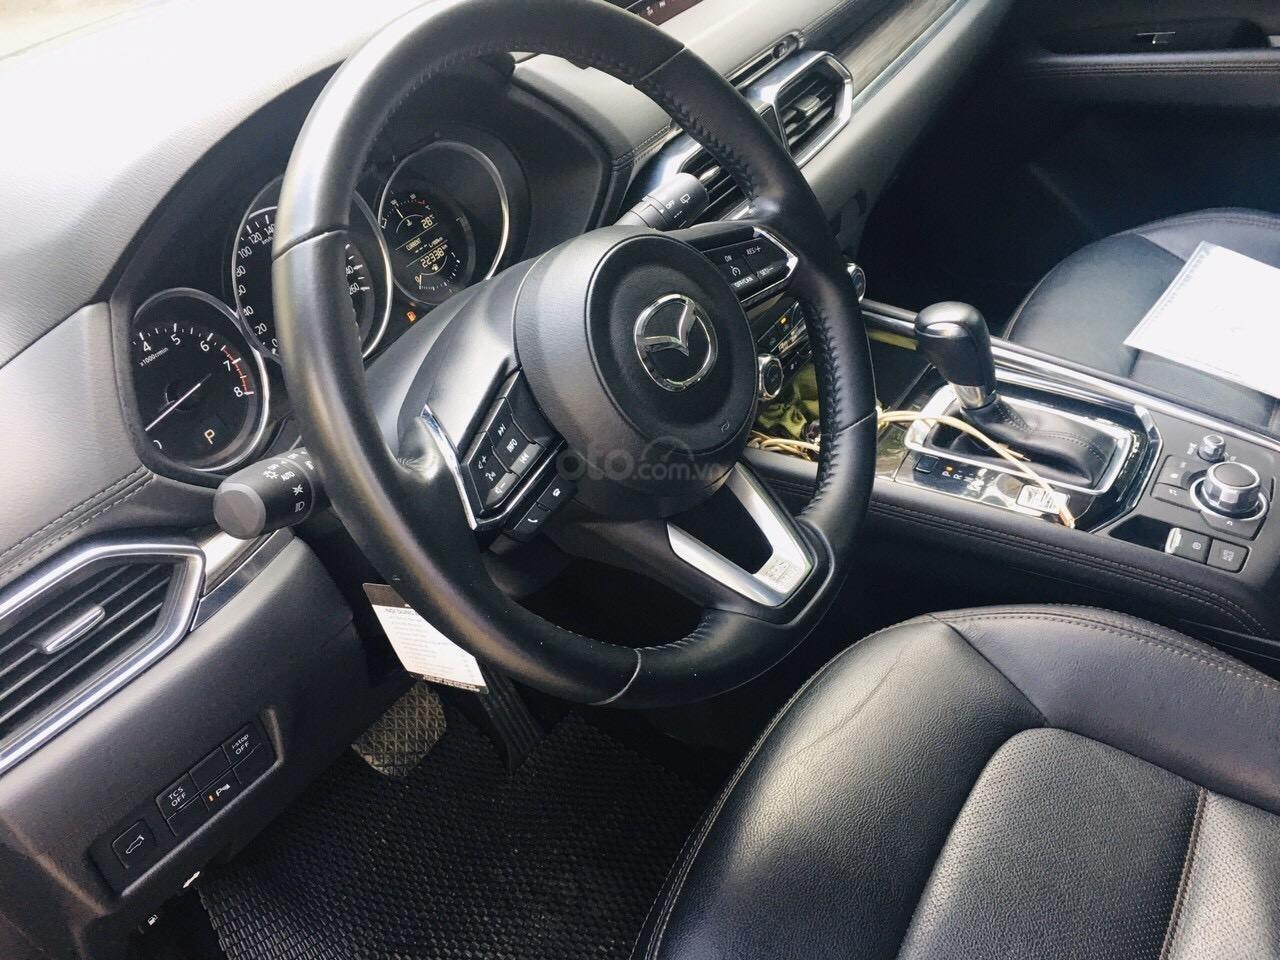 Cần bán xe Mazda CX 5 2.0 năm sản xuất 2018, màu xanh lam (9)